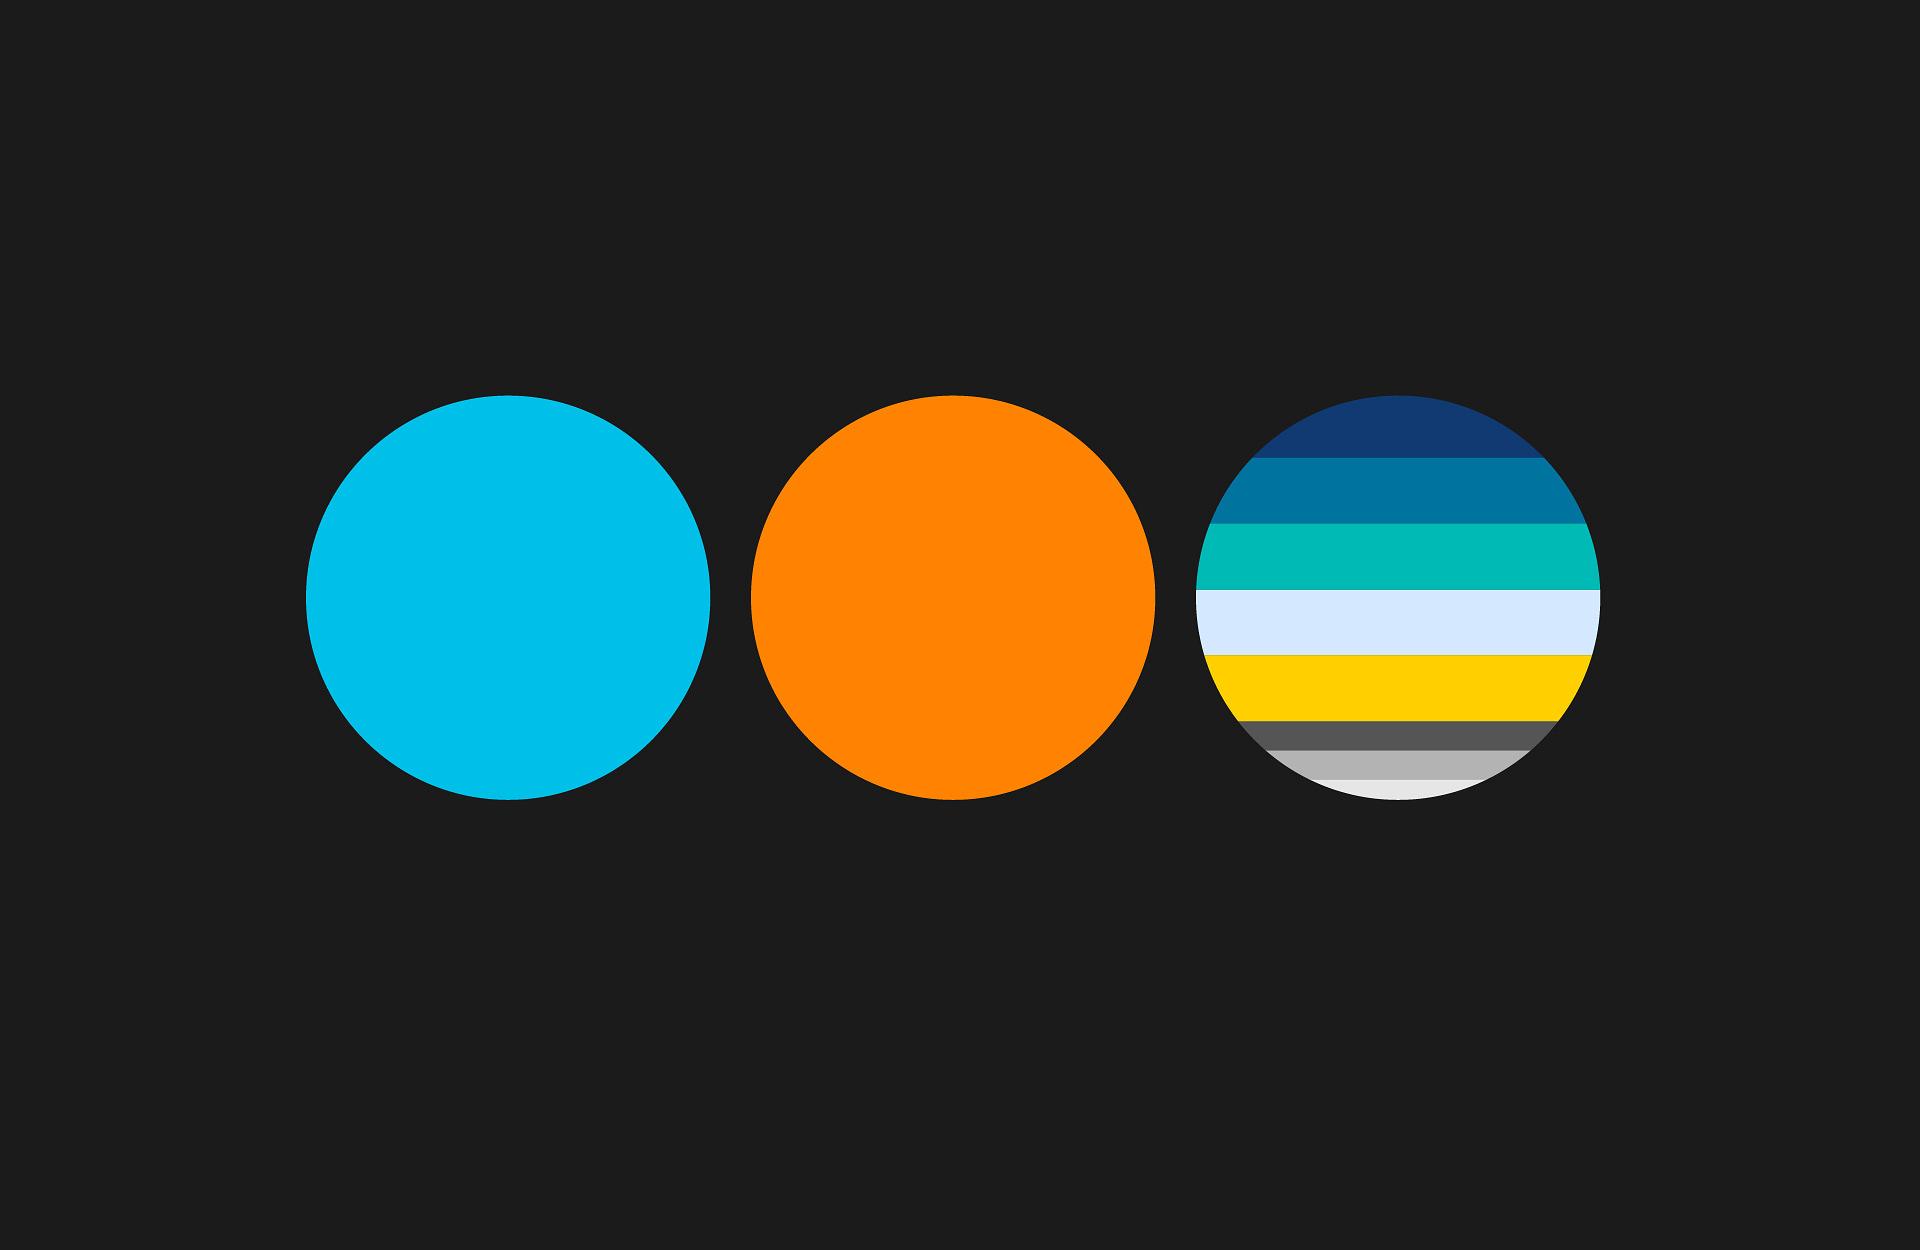 techsoup_colors2